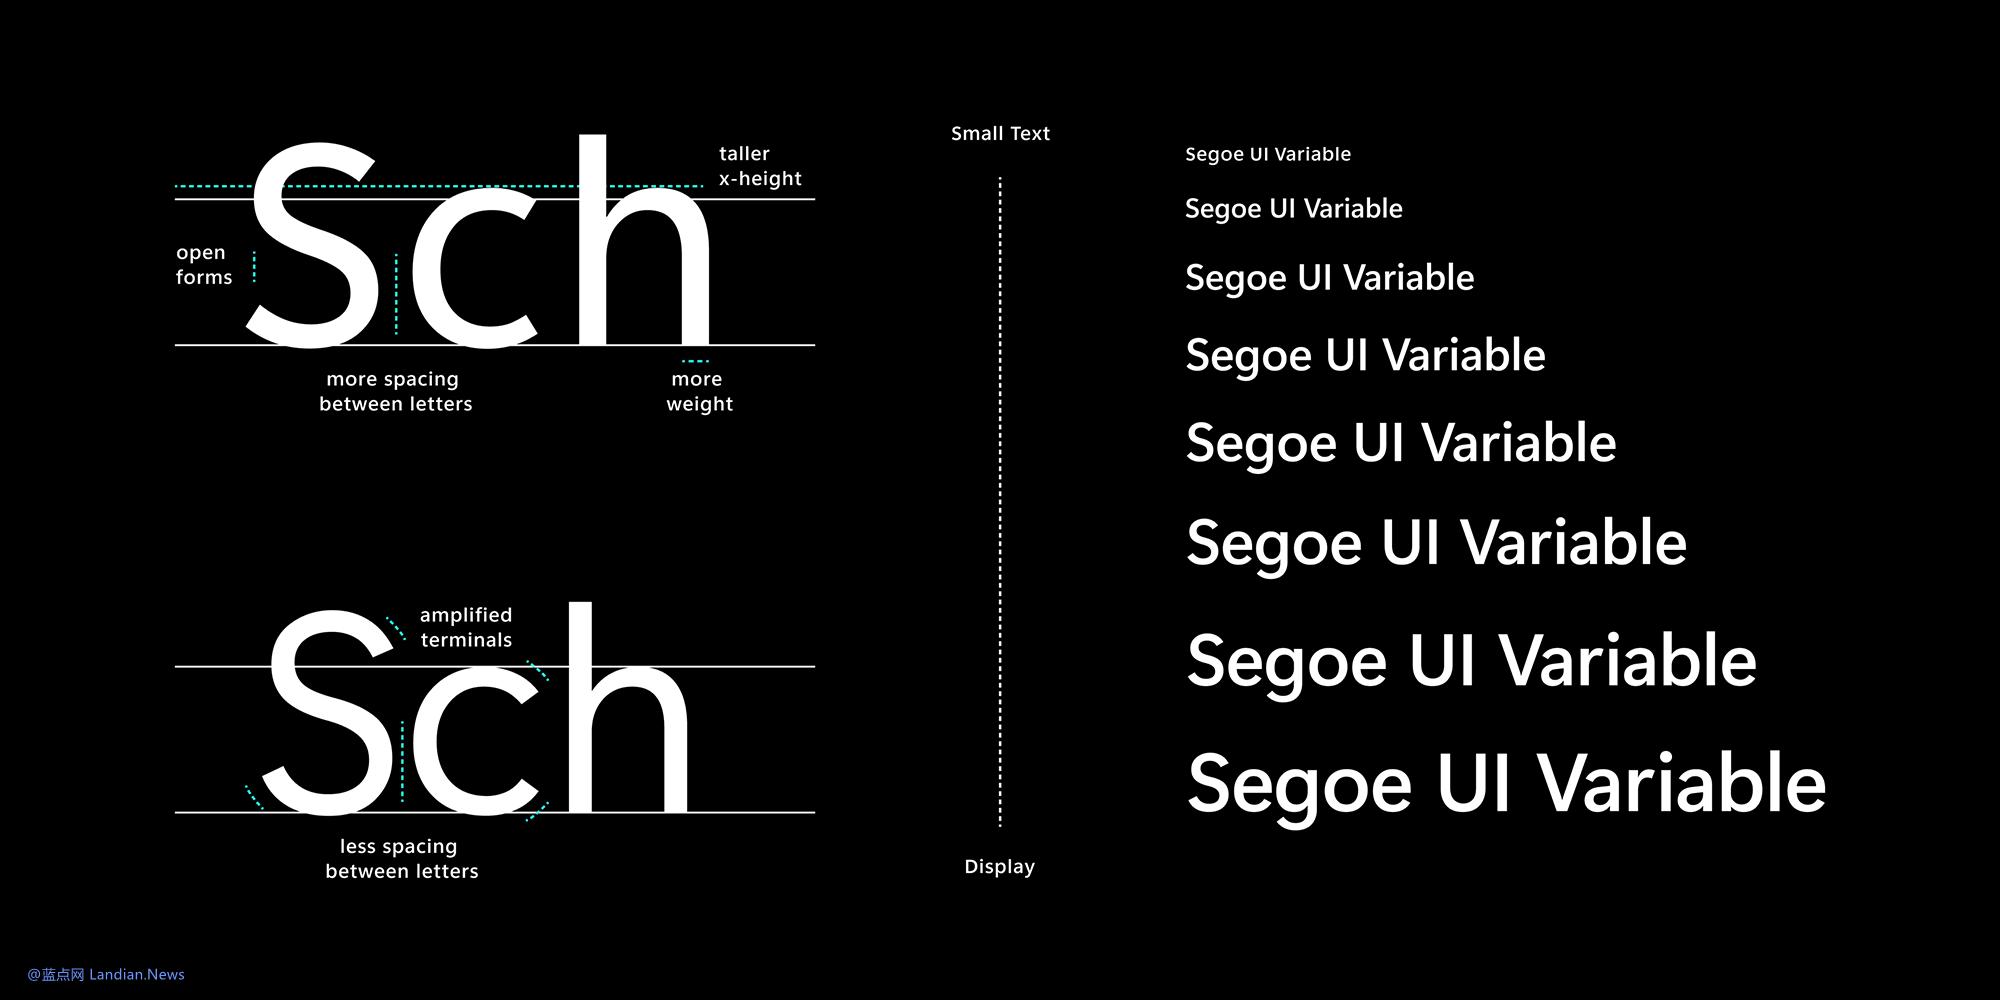 微软推出Windows 10 Dev Build 21376版 引入重新设计的Segoe UI字体